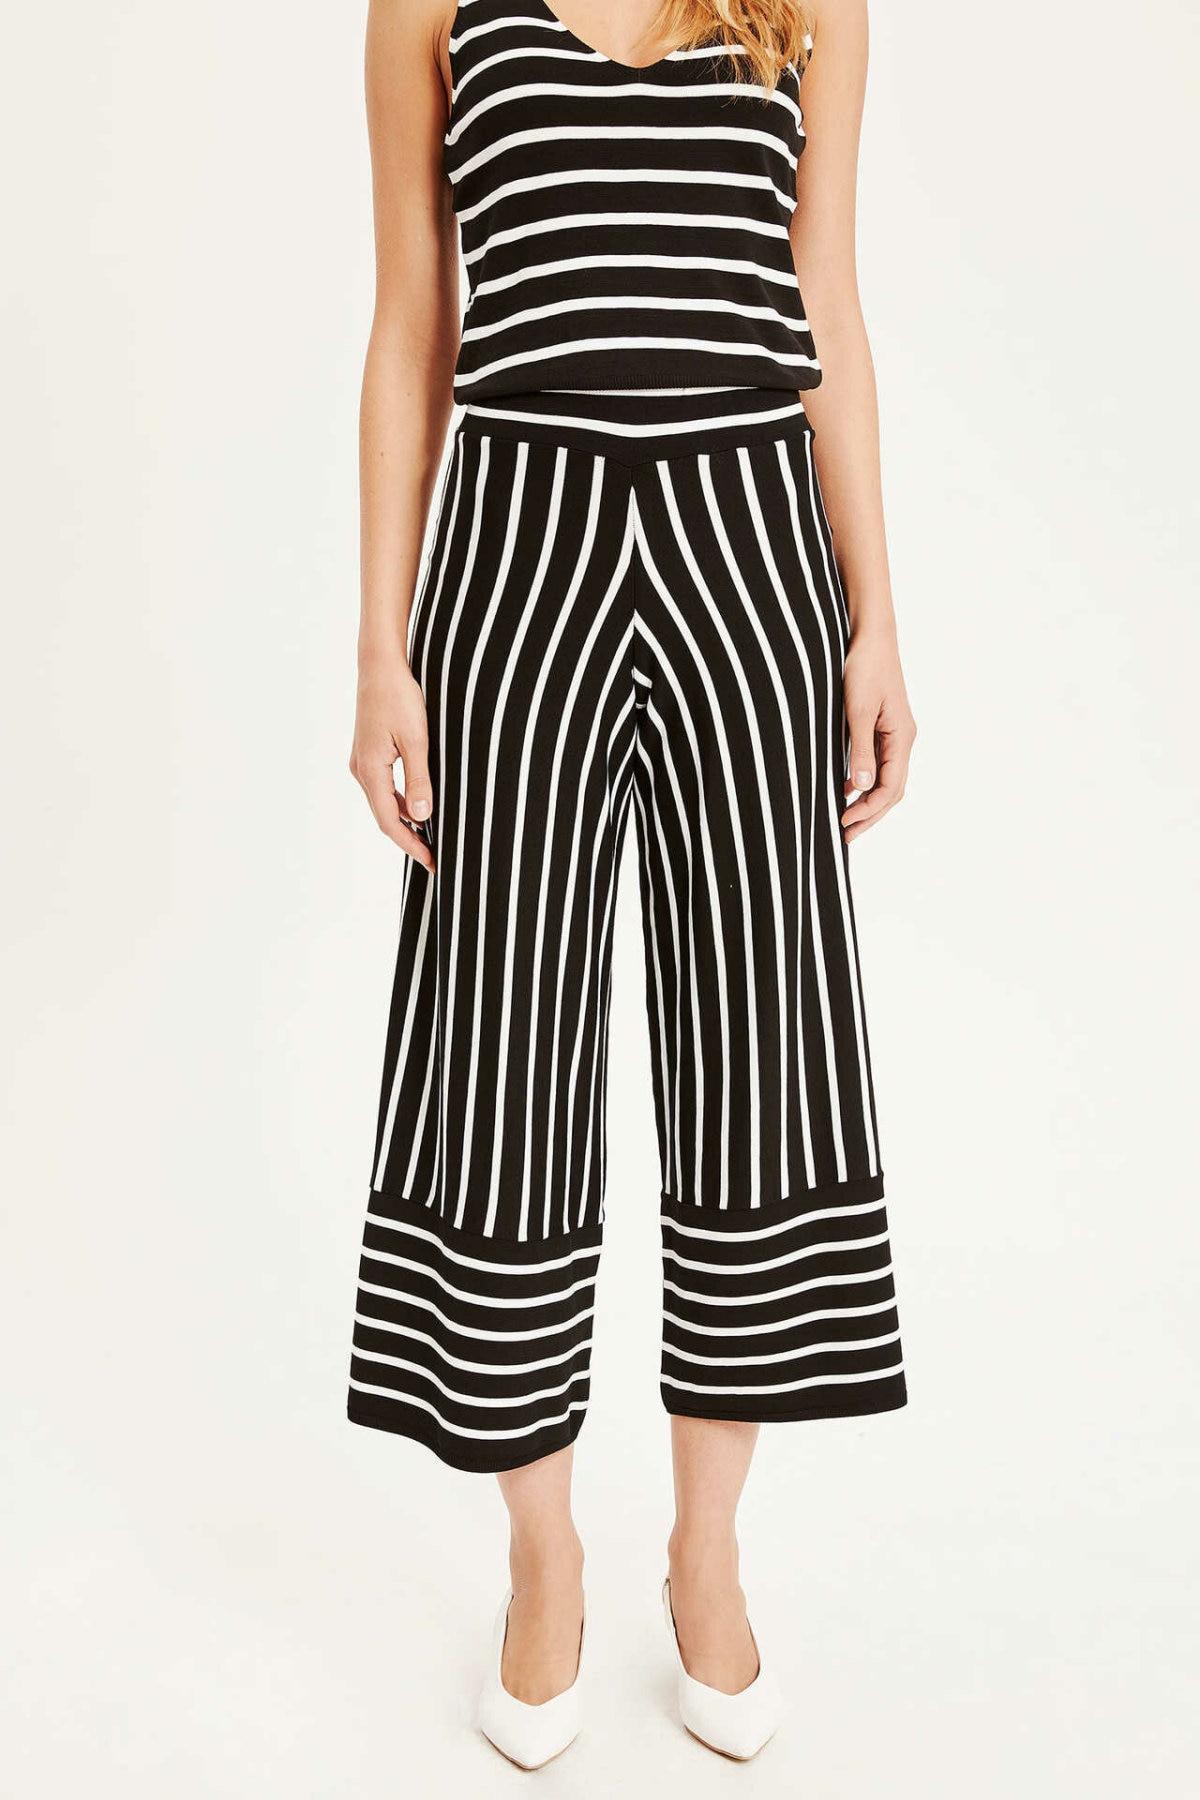 DeFacto Woman Fashion Pants Female Elegant Striped Wide-leg Pants Ladies Casual Simple Bottoms New  - L2110AZ19SP